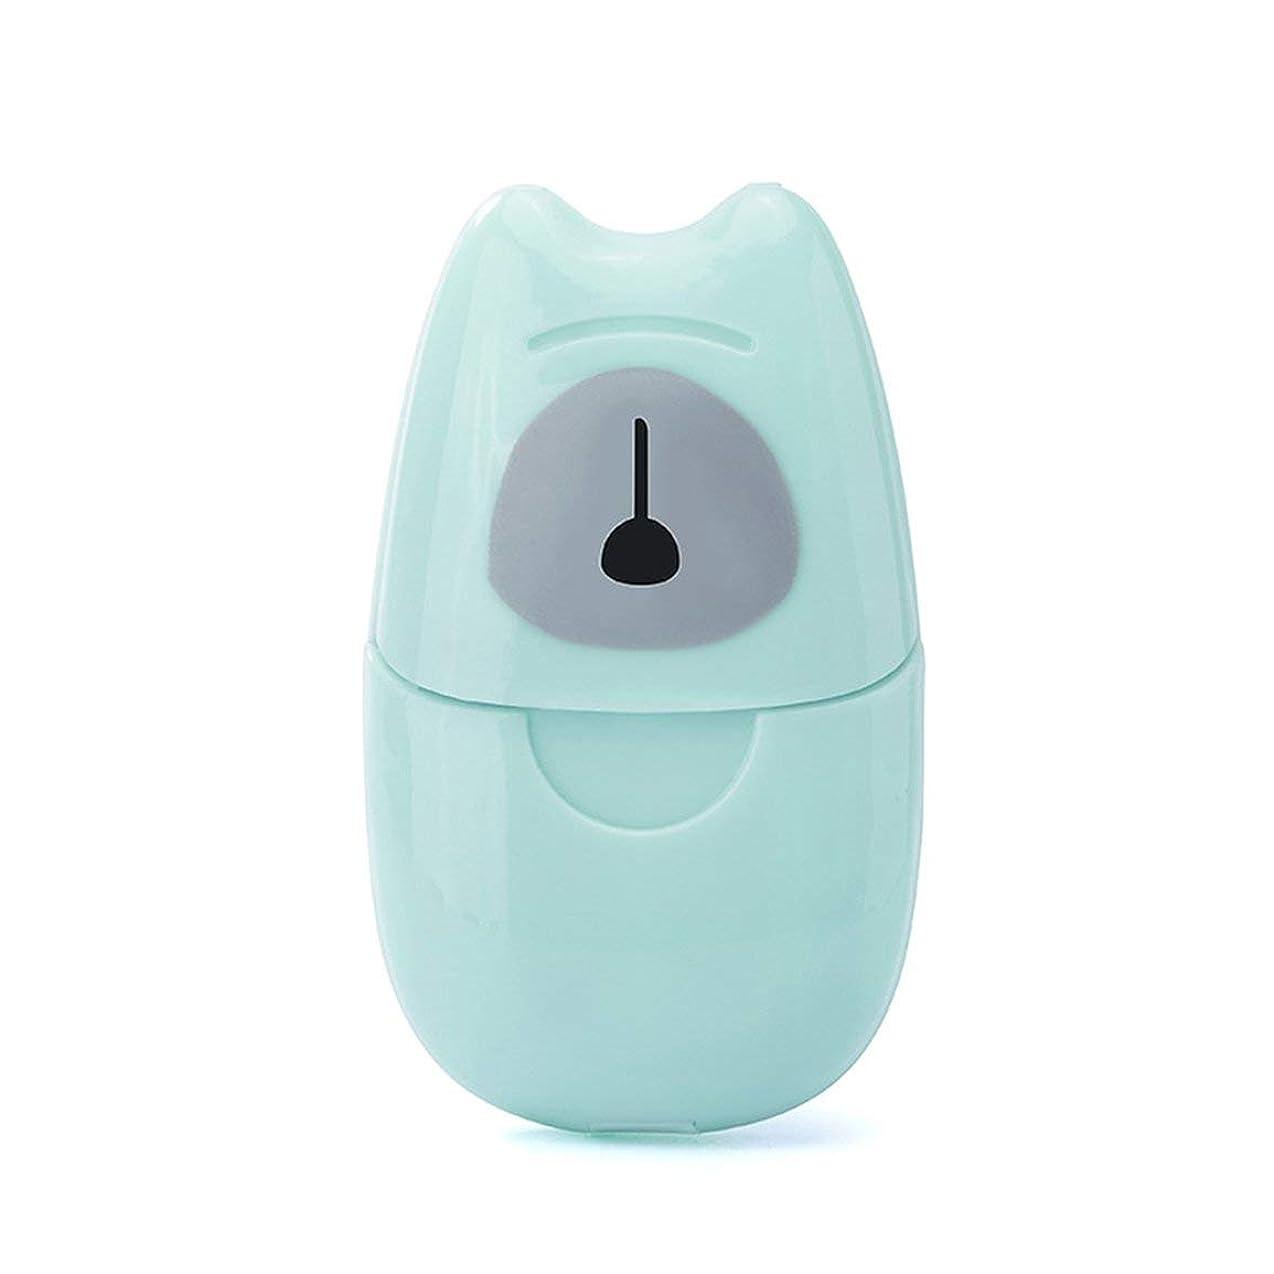 値する動員する幅箱入り石鹸紙旅行ポータブルアウトドア手洗い石鹸香りスライスシート50ピースミニ石鹸紙でプラスチックボックス - グリーン